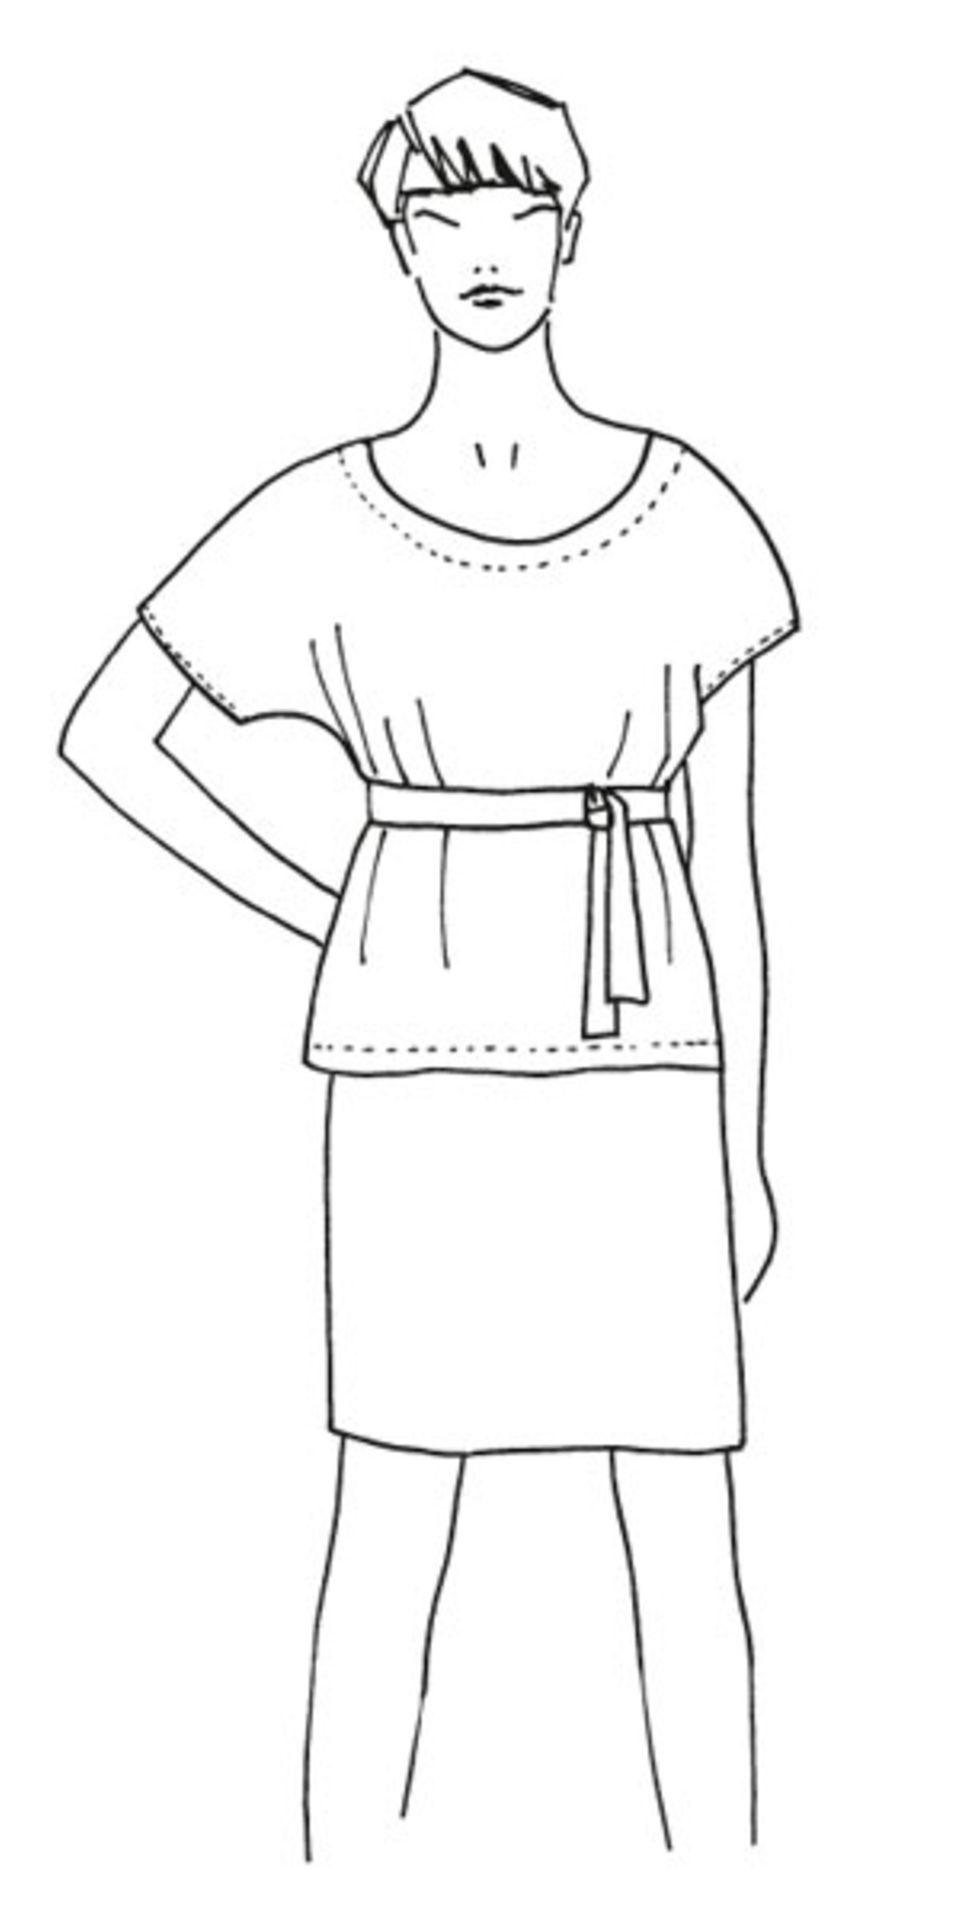 Bluse mit Gürtel nähen - eine Anleitung